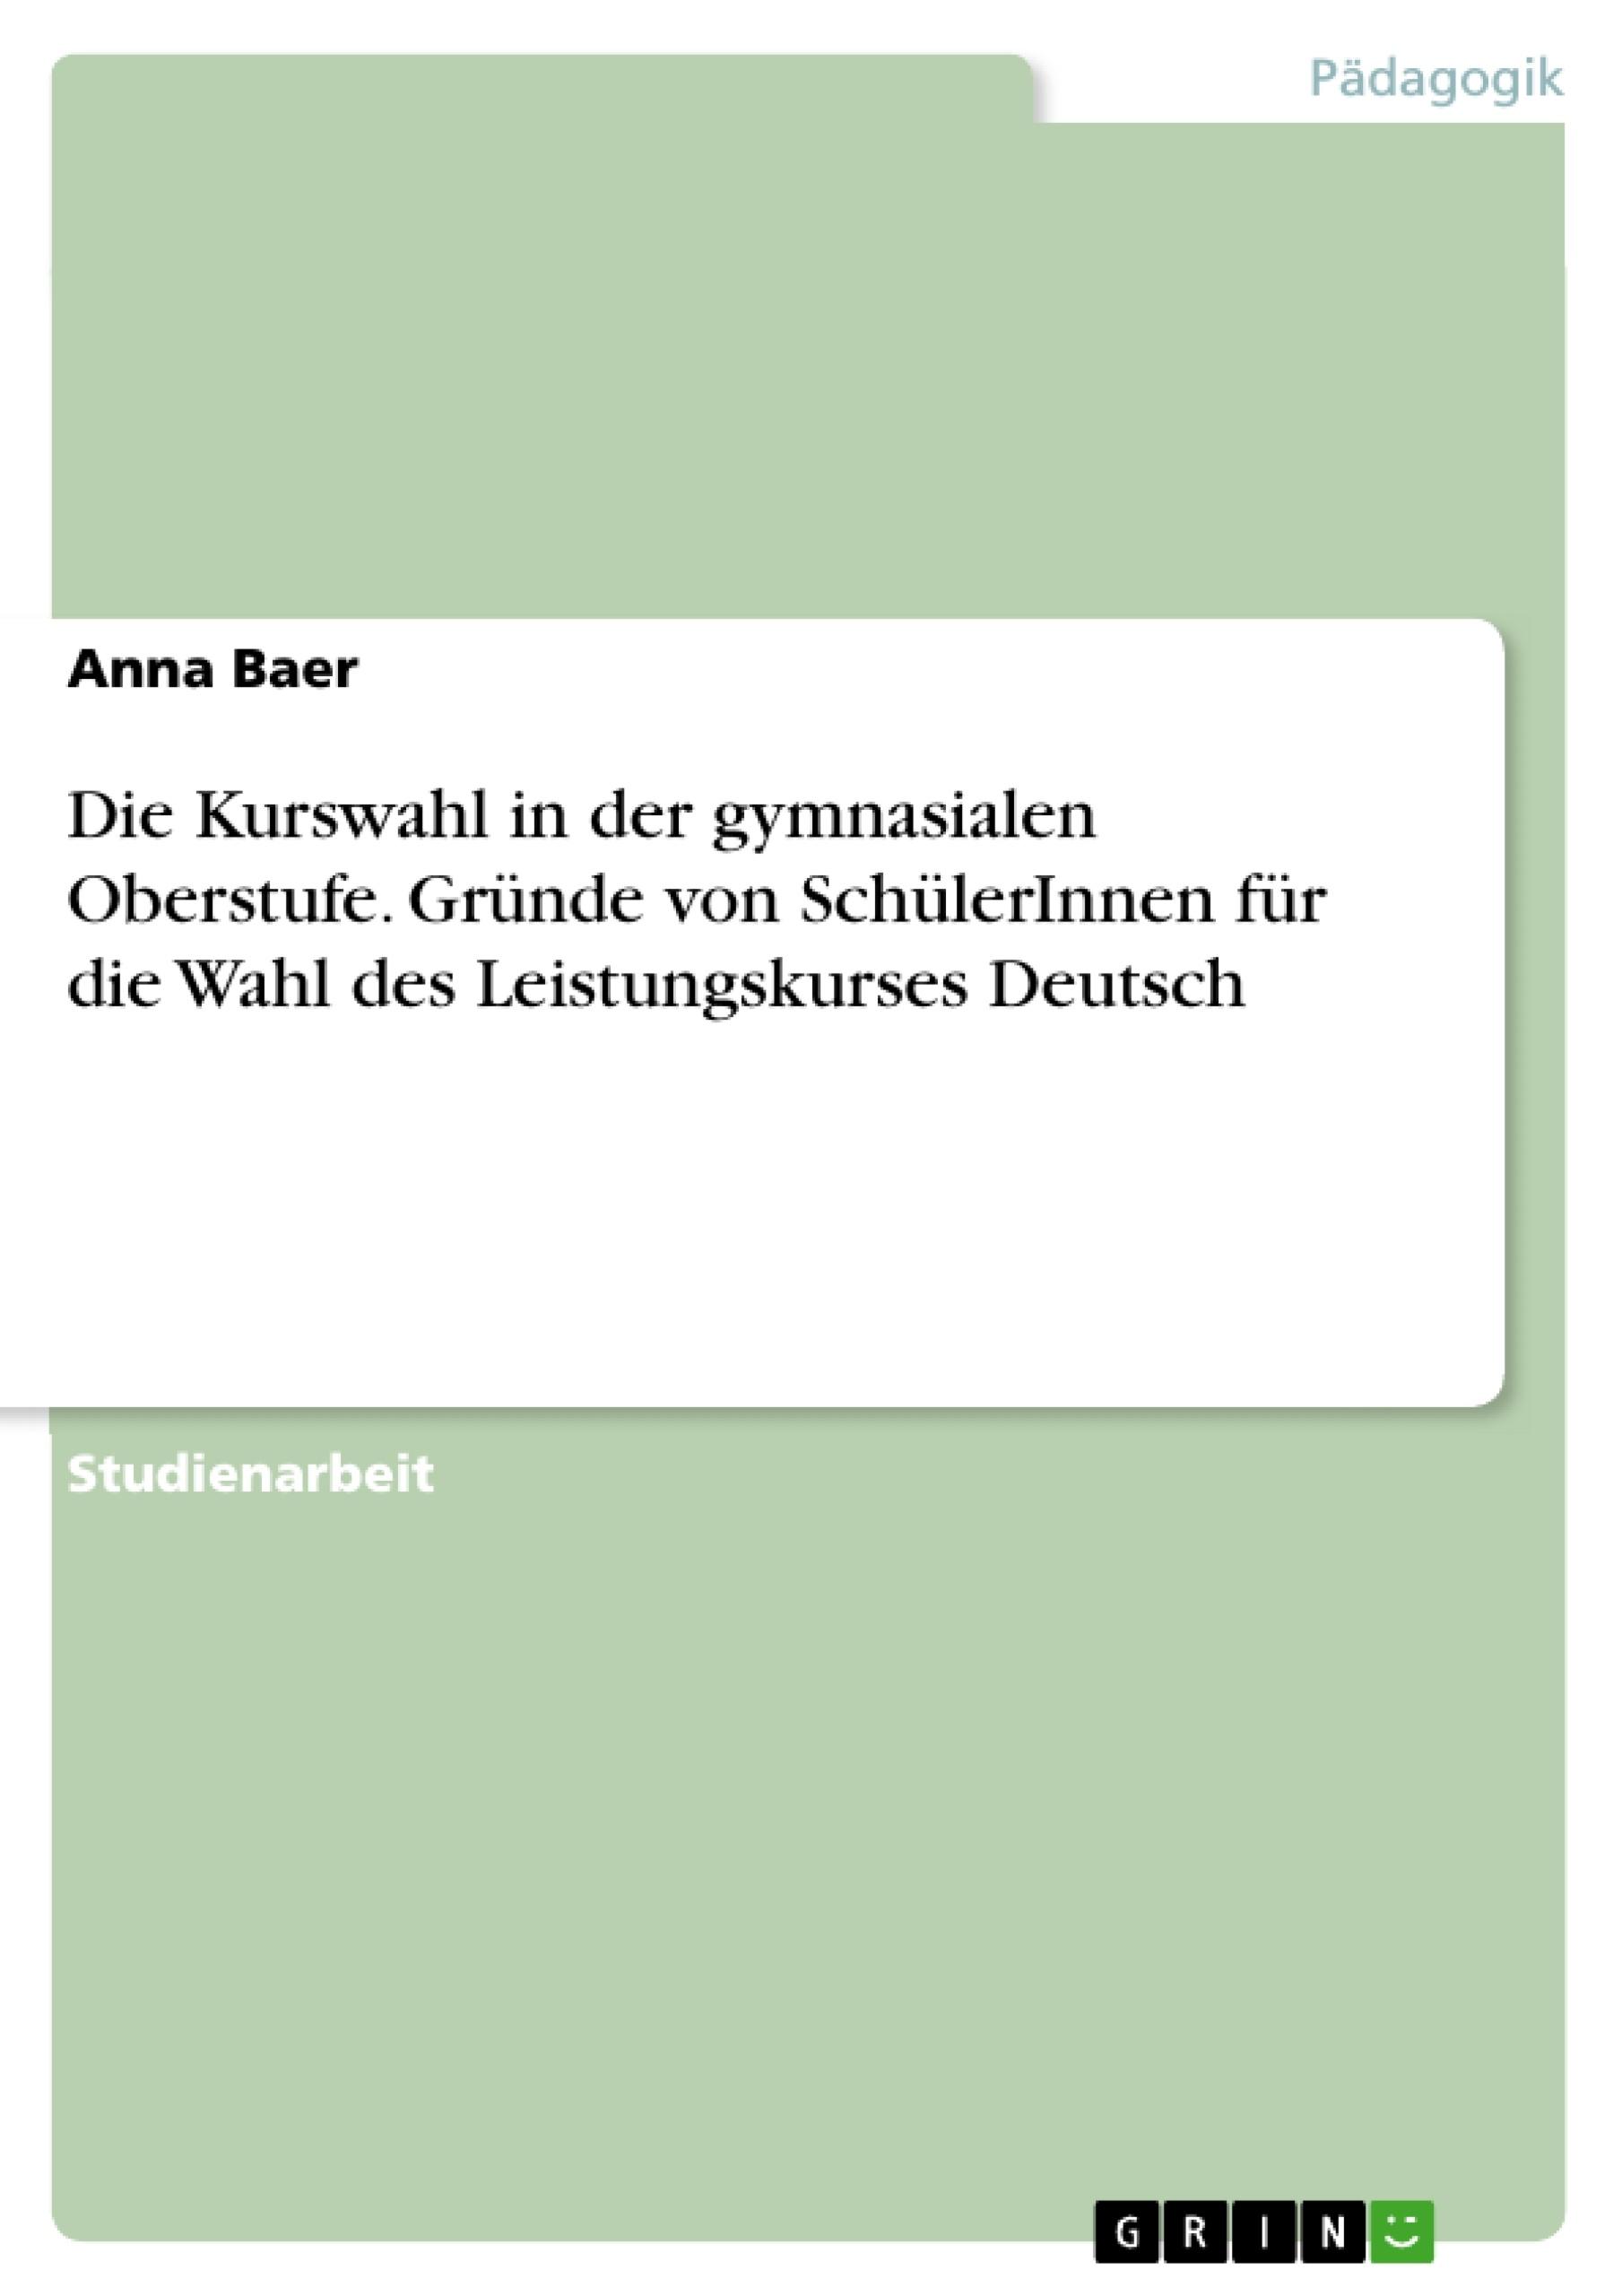 Titel: Die Kurswahl in der gymnasialen Oberstufe. Gründe von SchülerInnen für die Wahl des Leistungskurses Deutsch